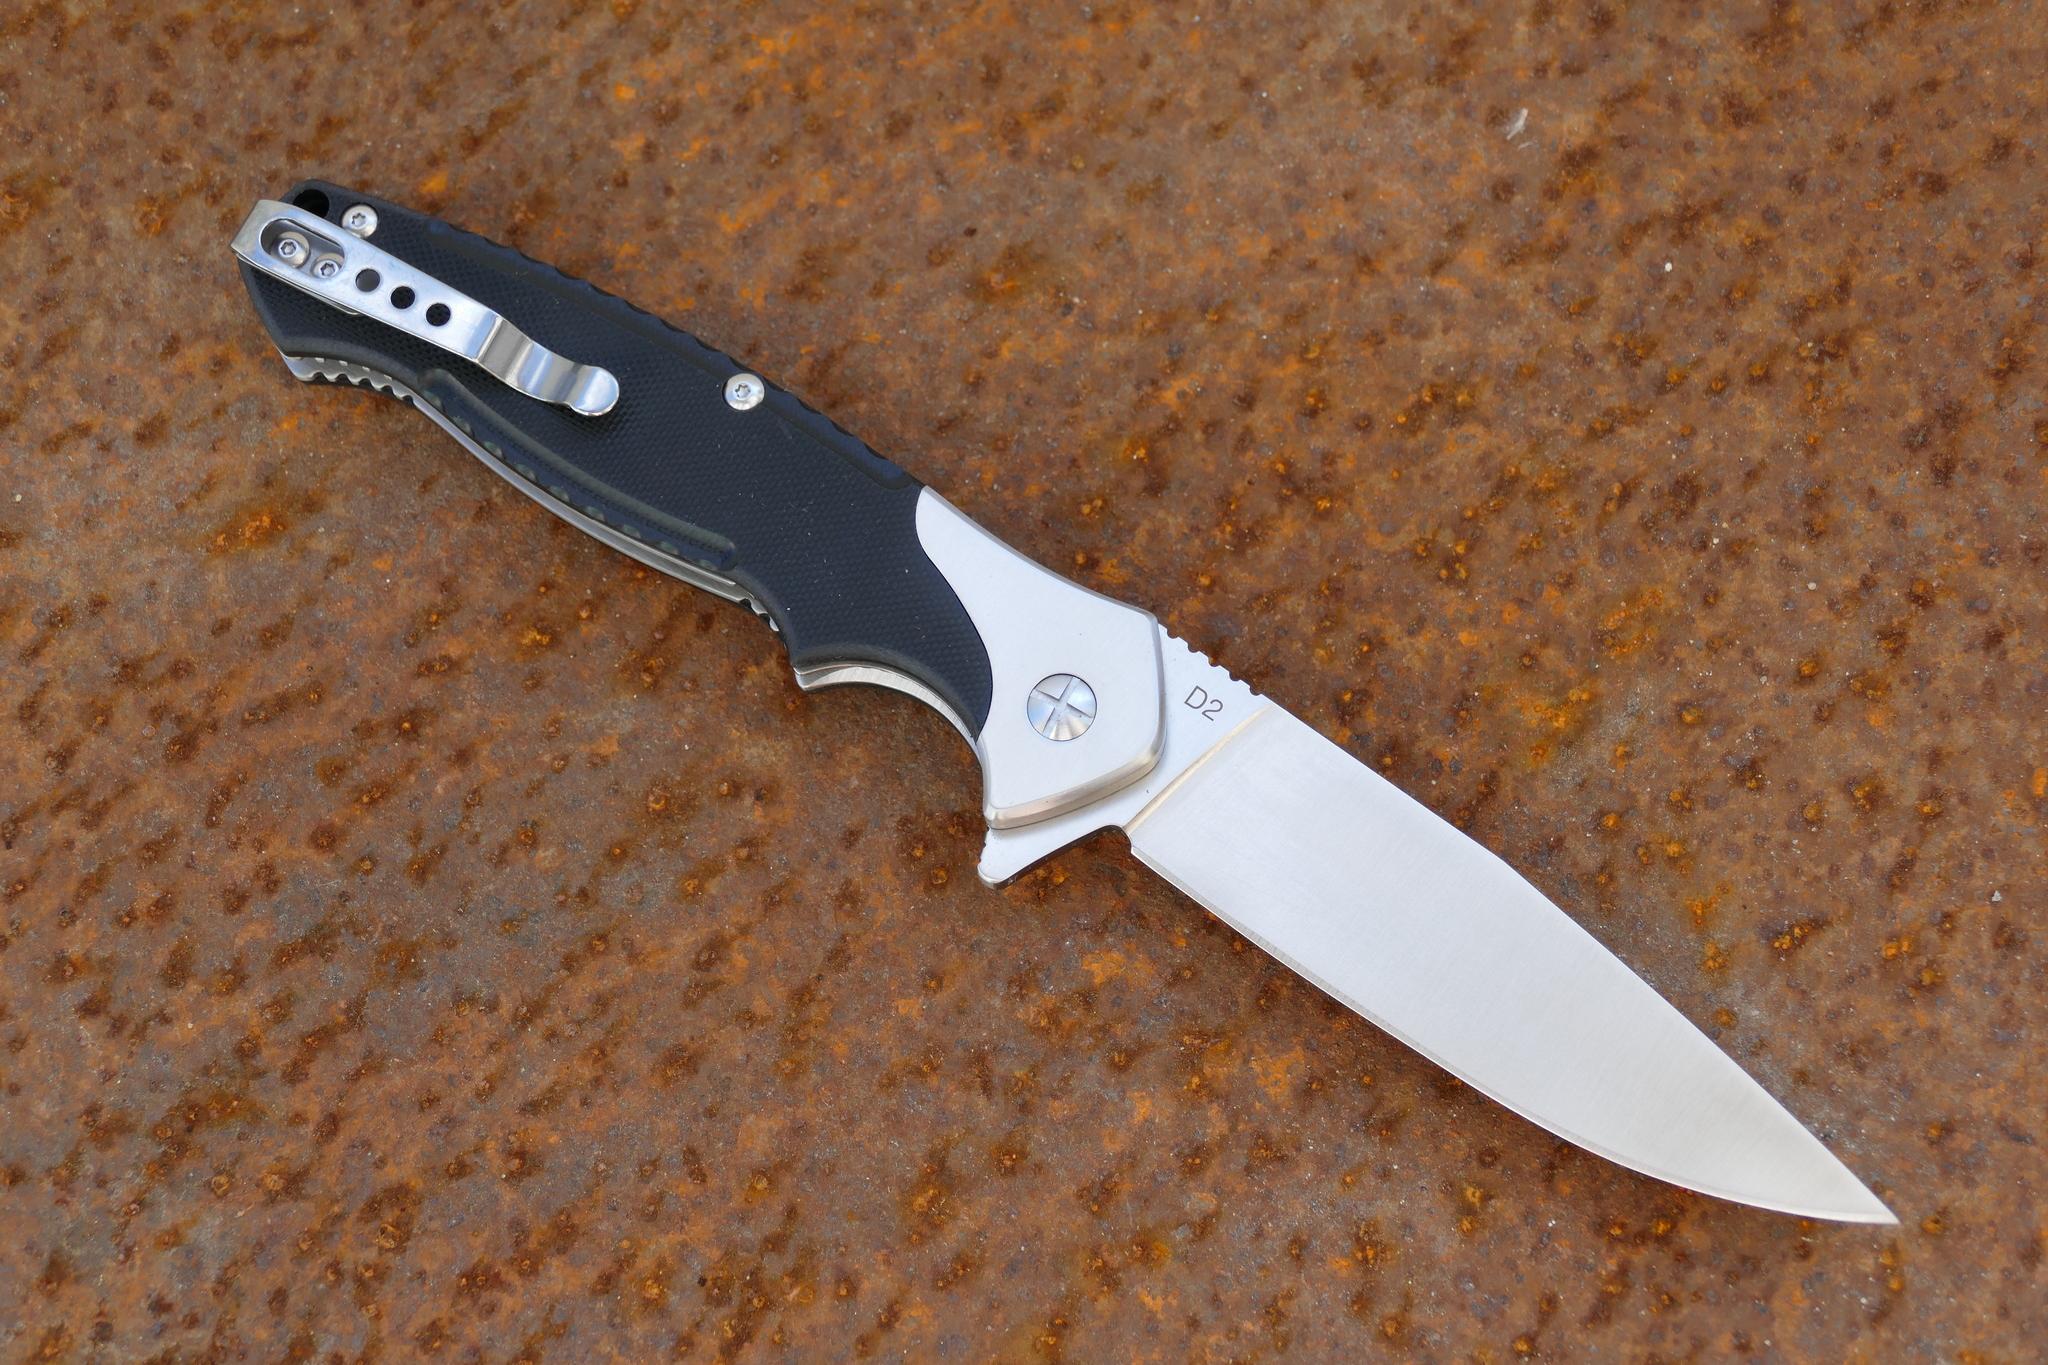 Фото 5 - Складной нож Секутор, сталь D2 от Steelclaw